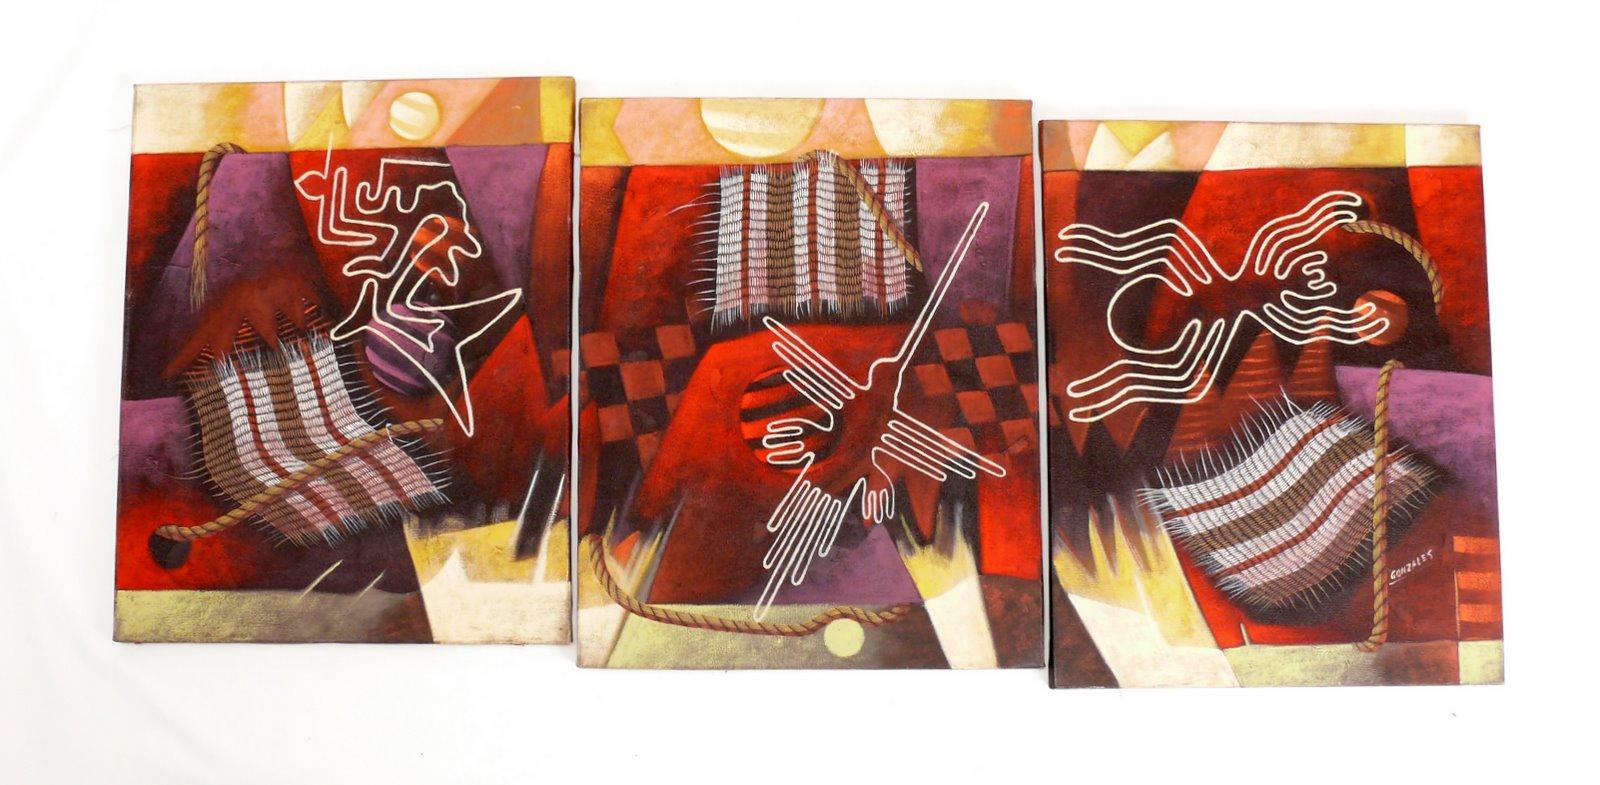 Arte Y Cultura Sevilla Motivos: Impulso Arte Peru: 2010